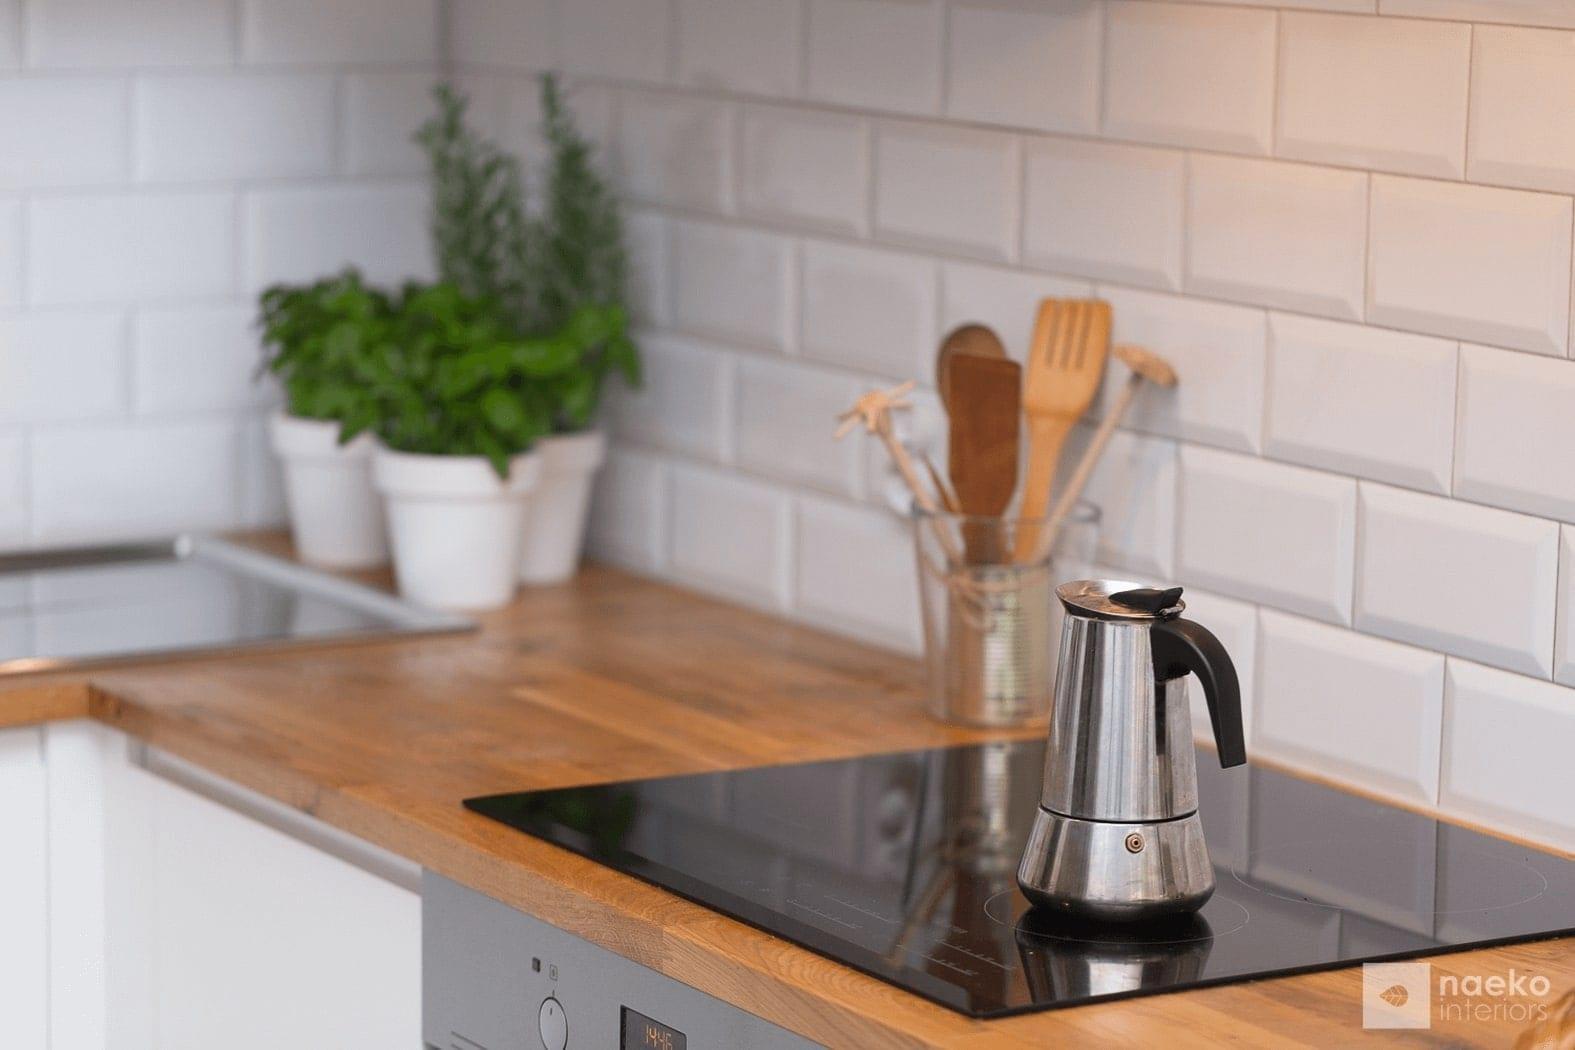 Kuchnia w stylu skandynawskim detal blatu i ściany z białych cegiełek oraz imbrykiem kawowym na pierwszym planie